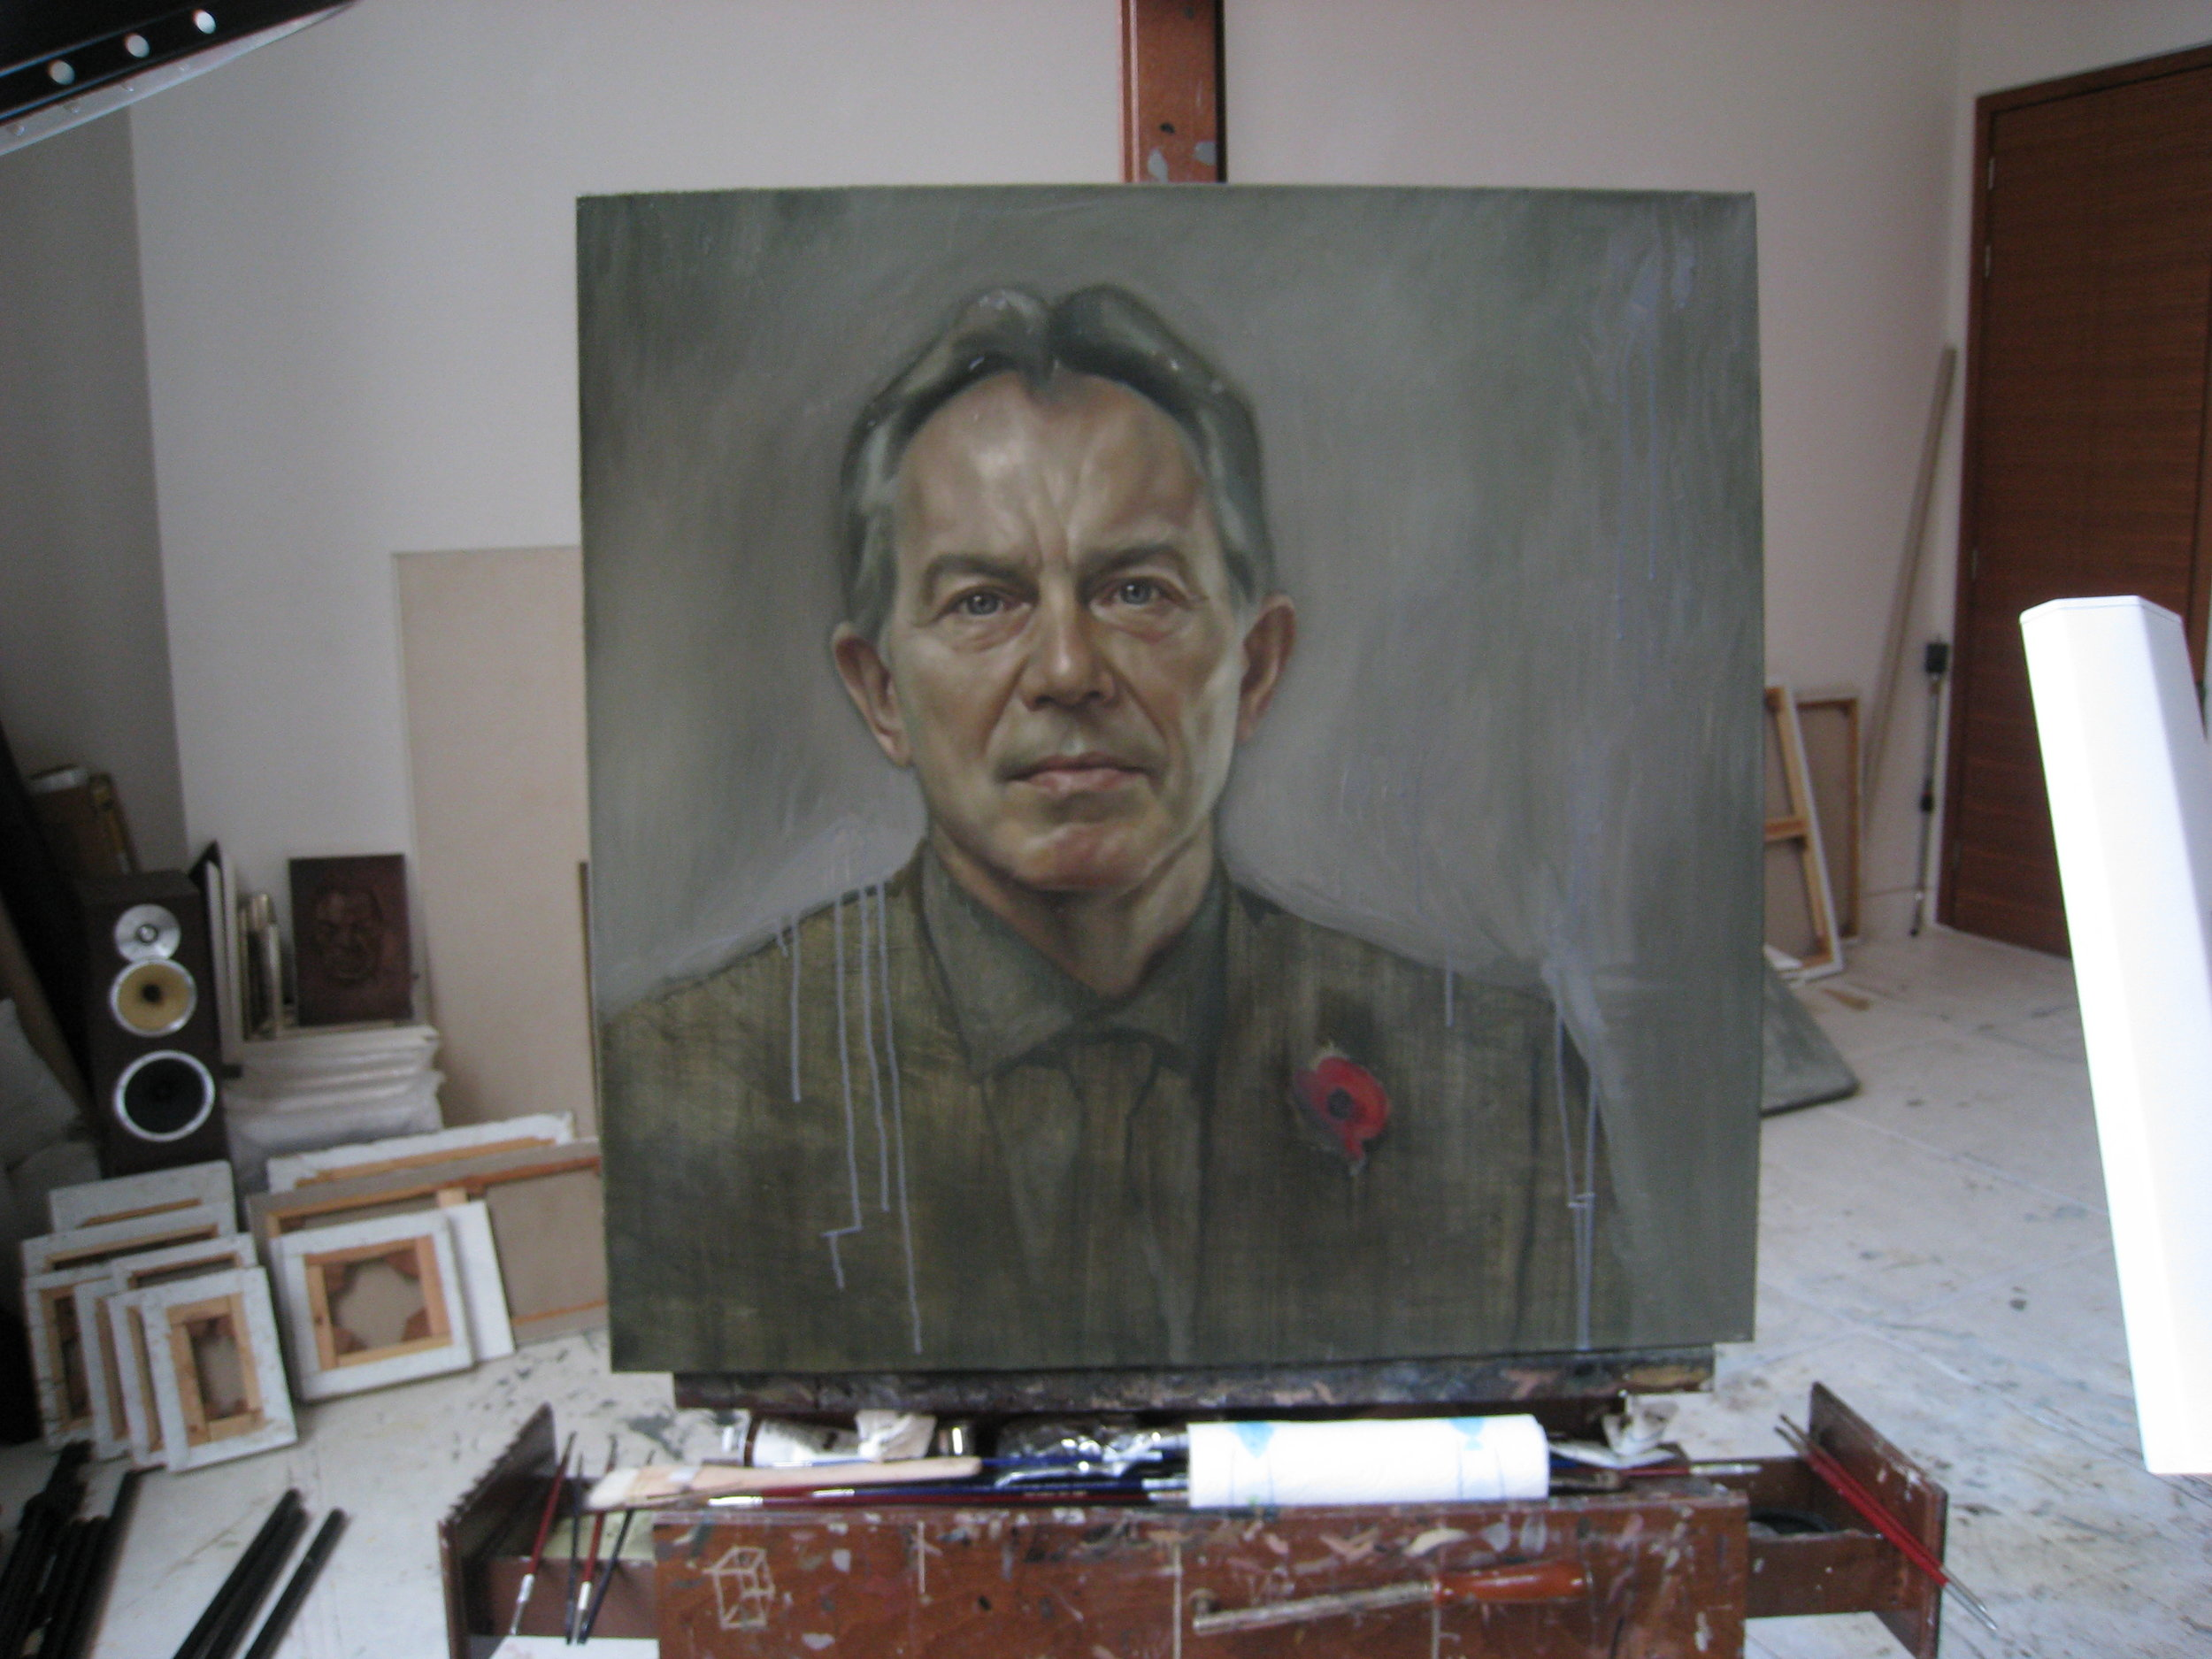 Tony Blair on easel.JPG